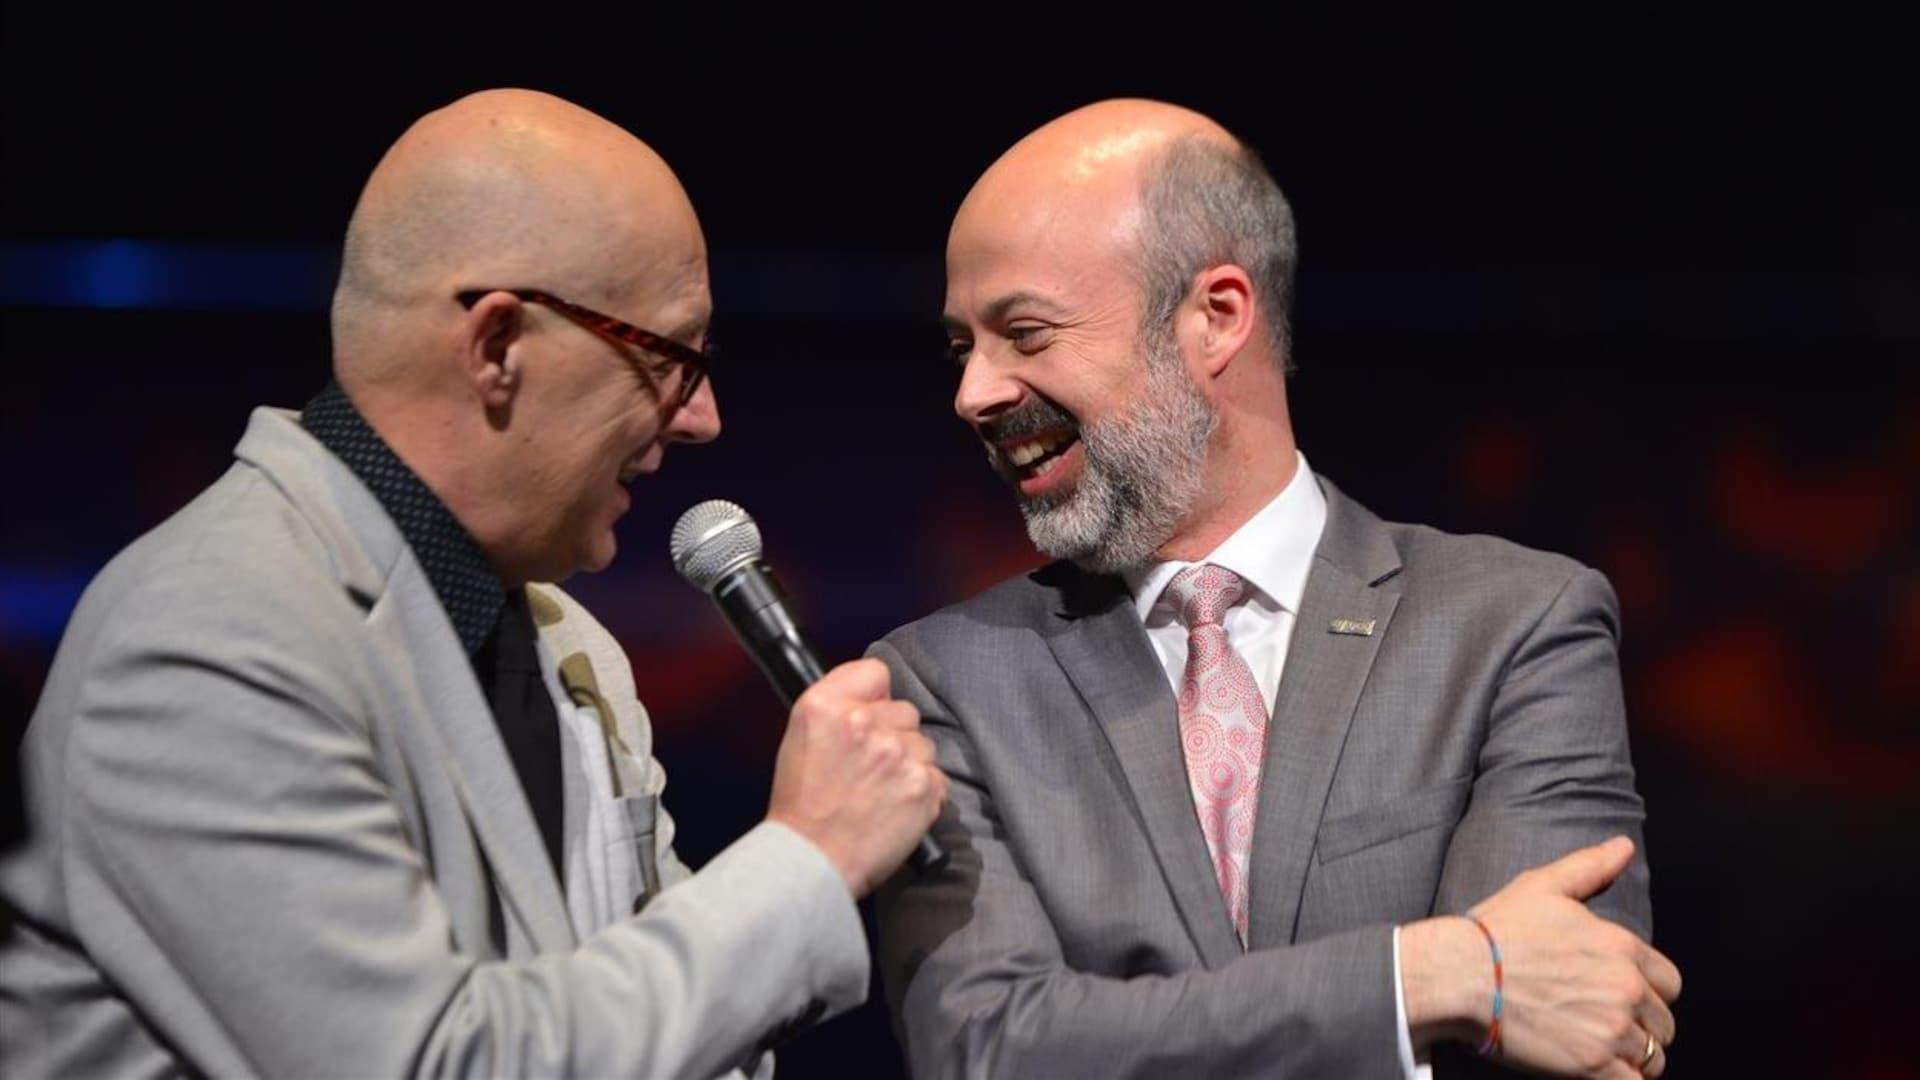 Deux hommes qui discutent à l'avant-scène.